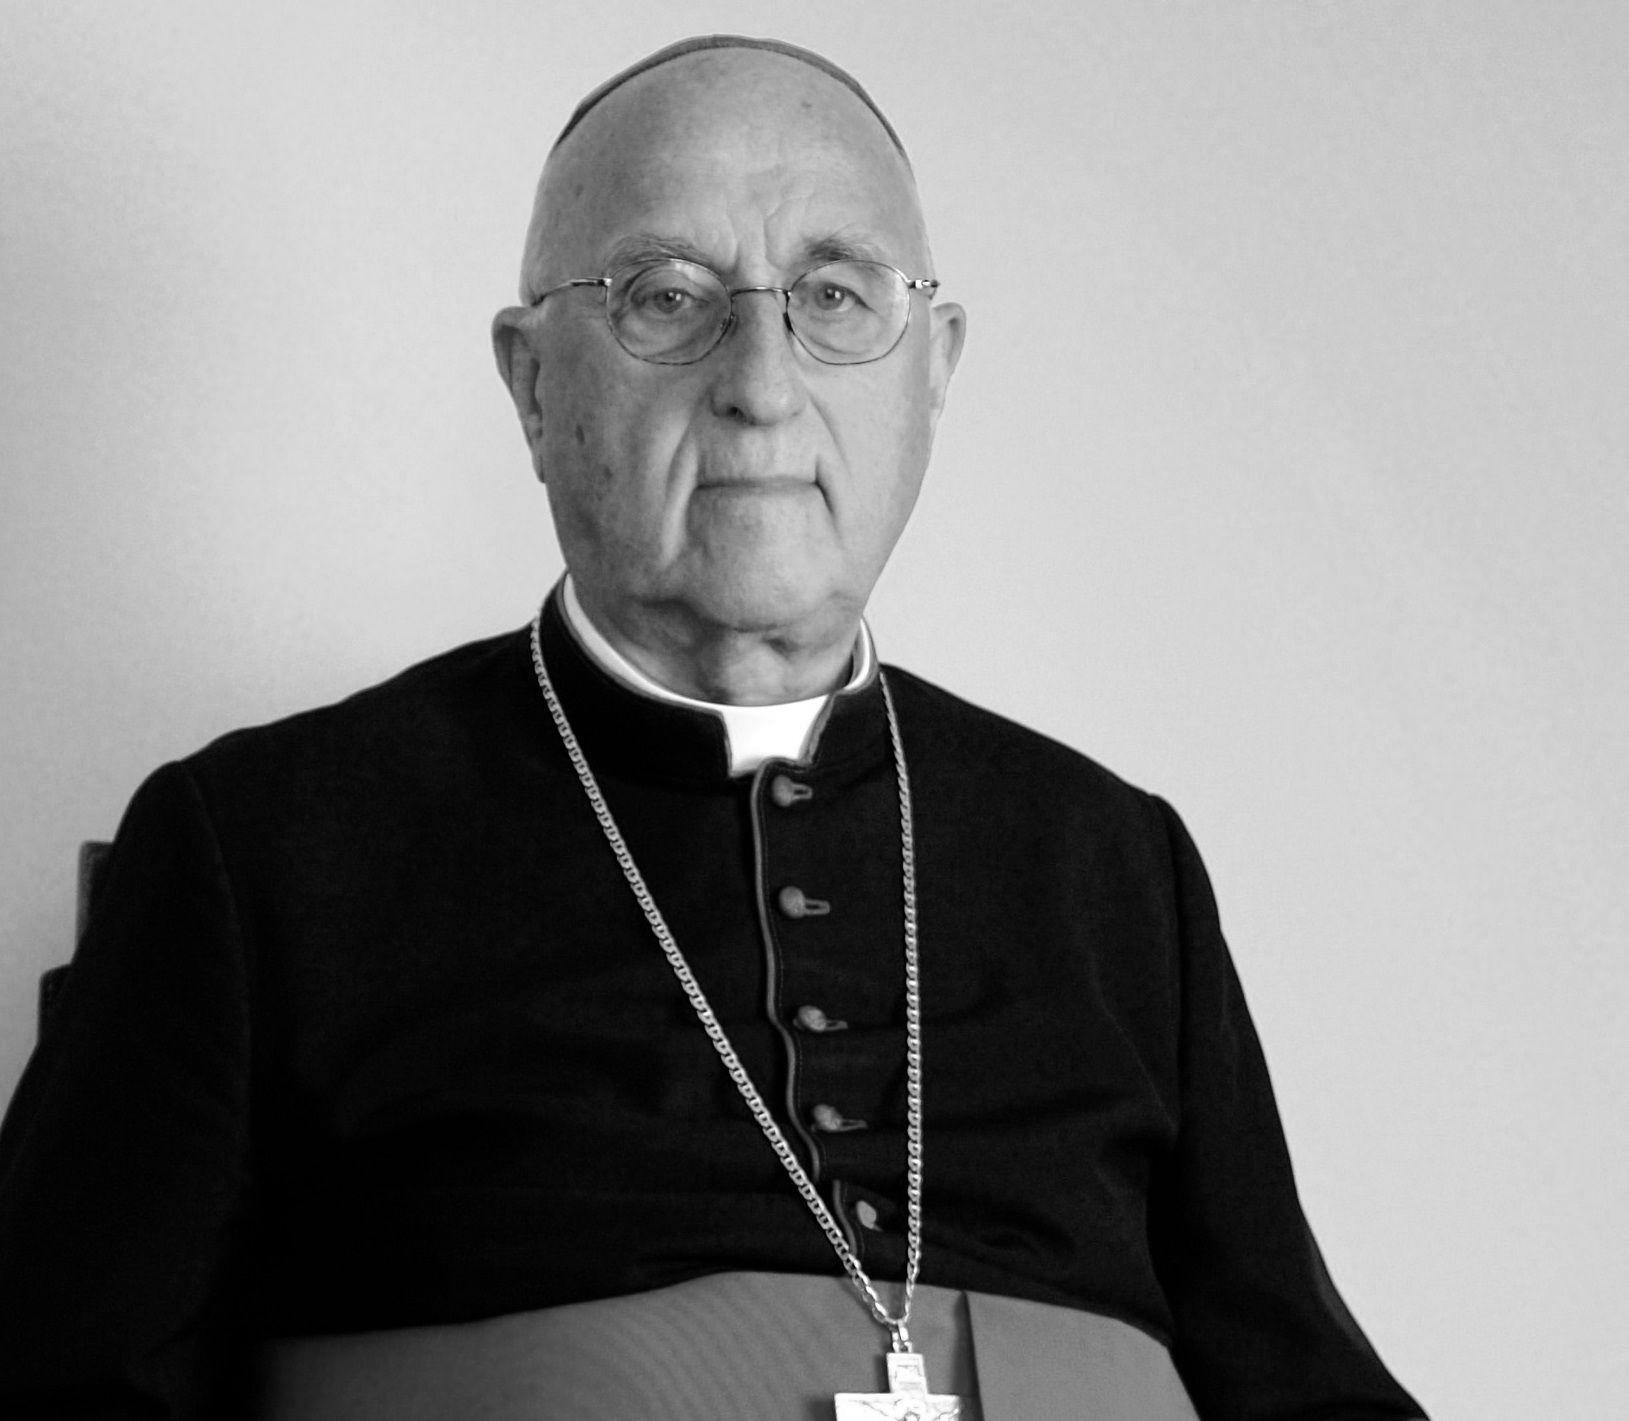 Zmarł biskup senior Bronisław Dembowski